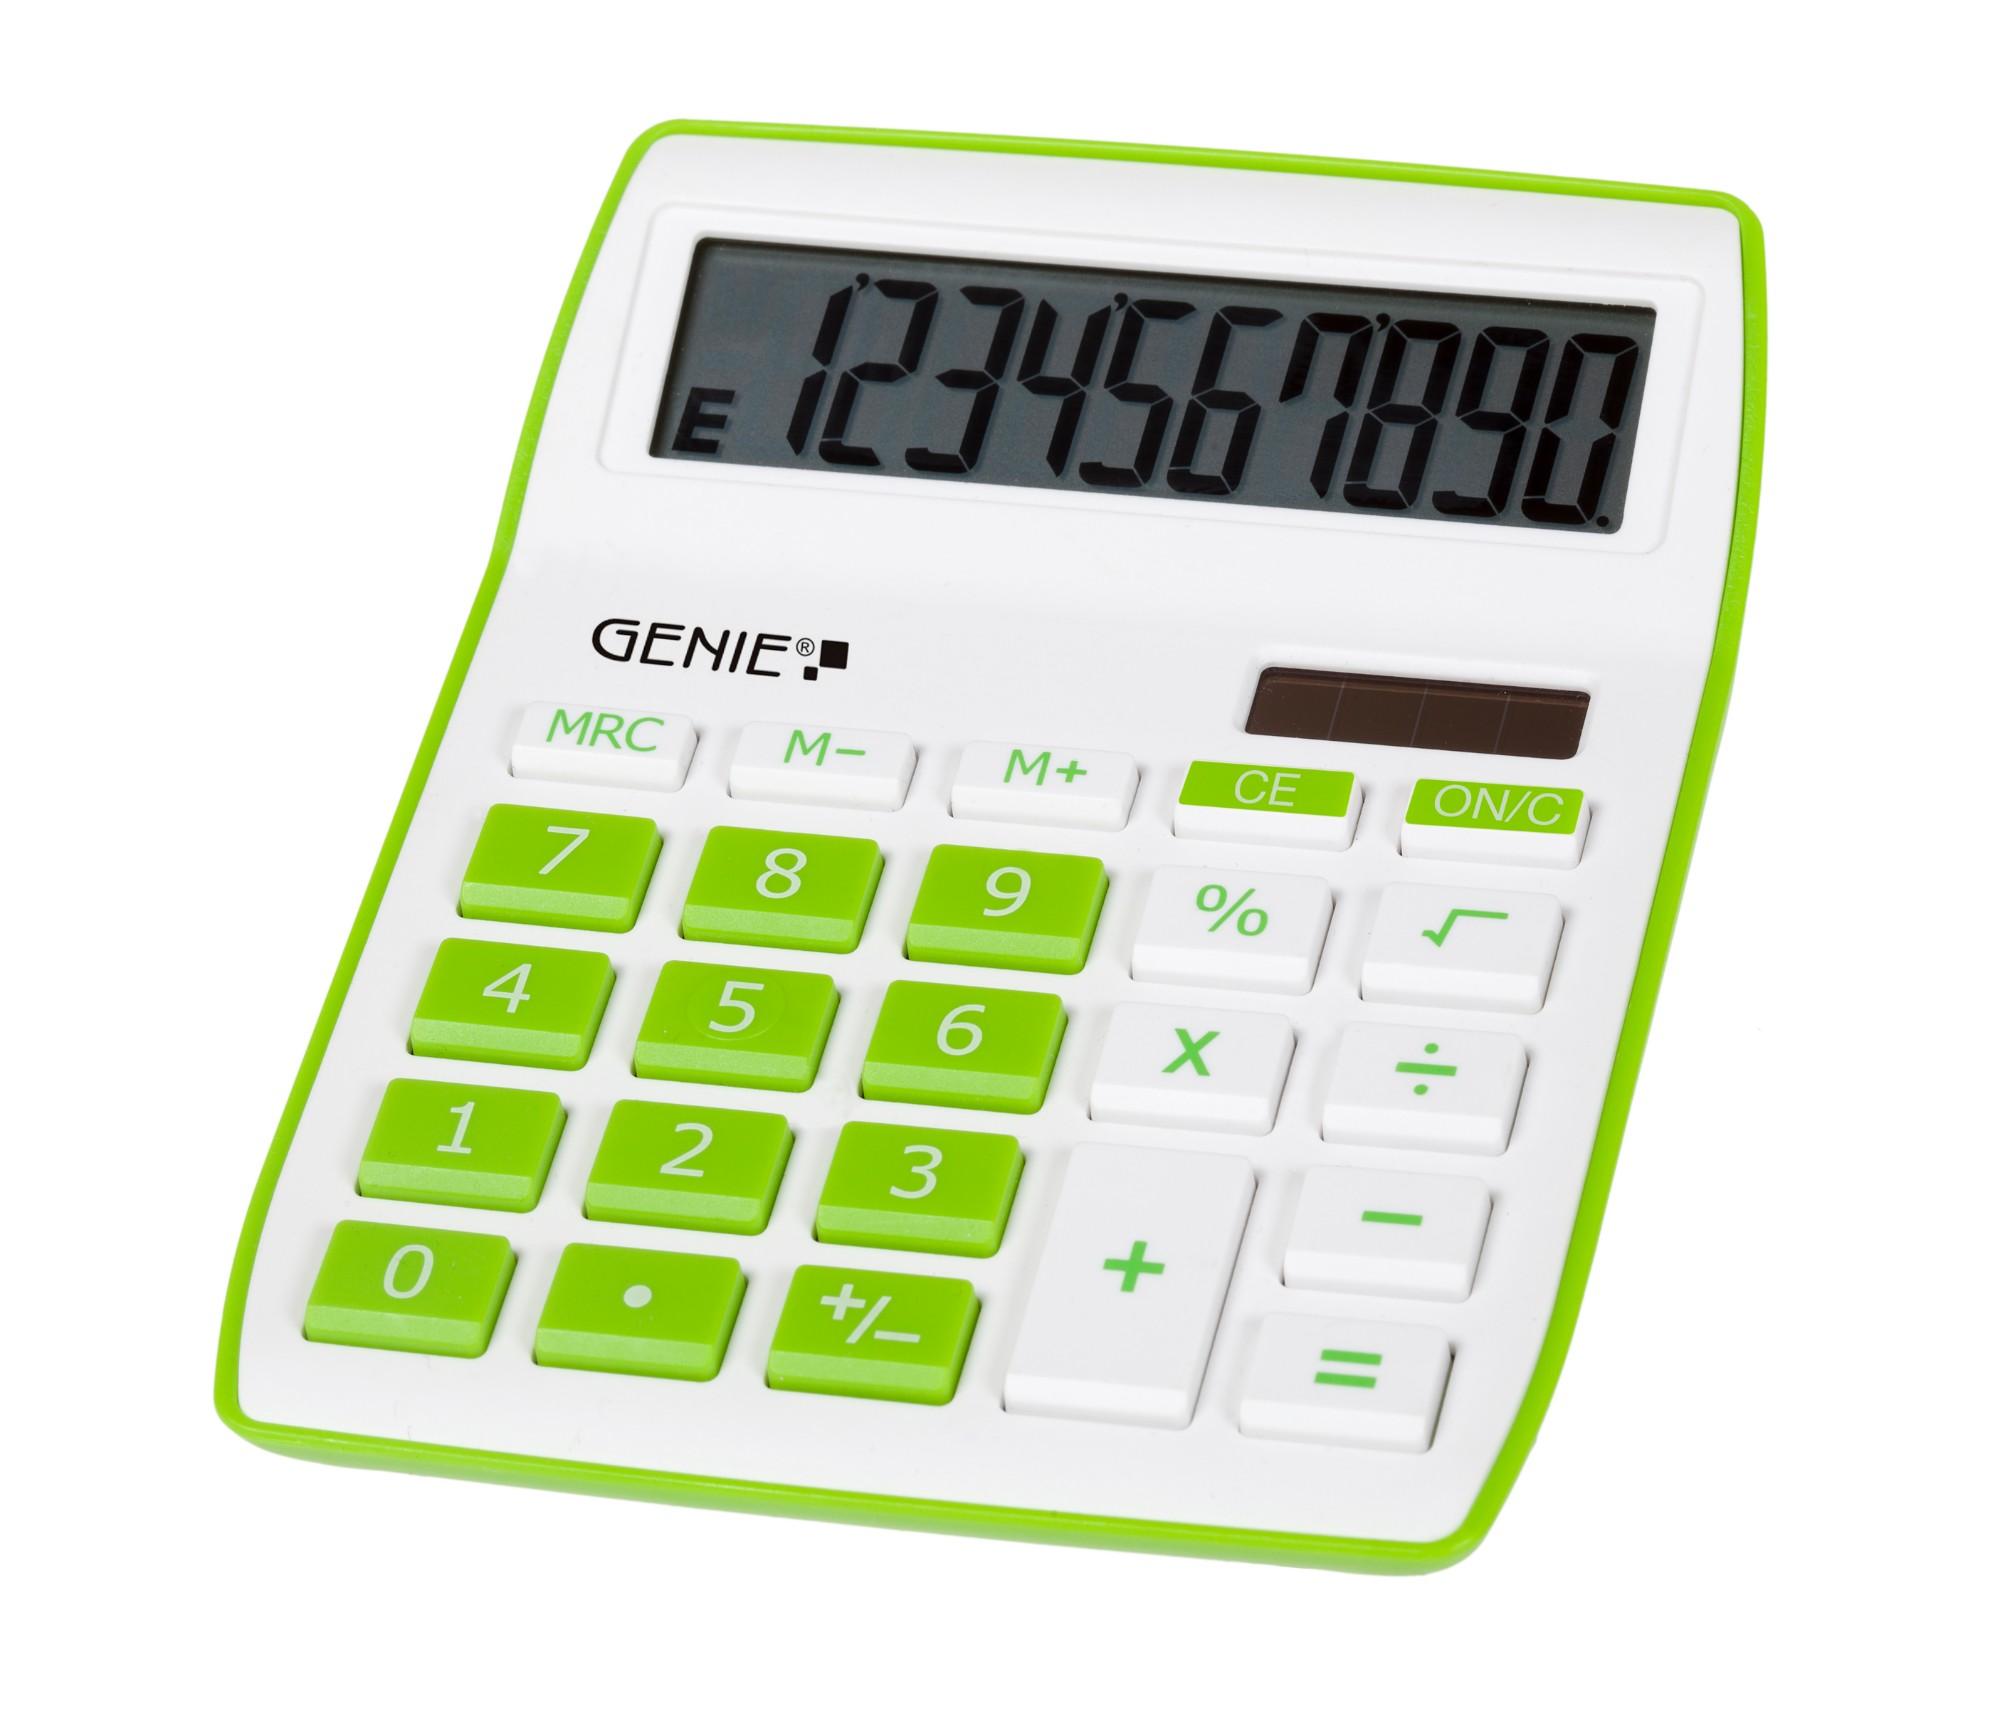 Genie 840 G calculator Desktop Display Green, White